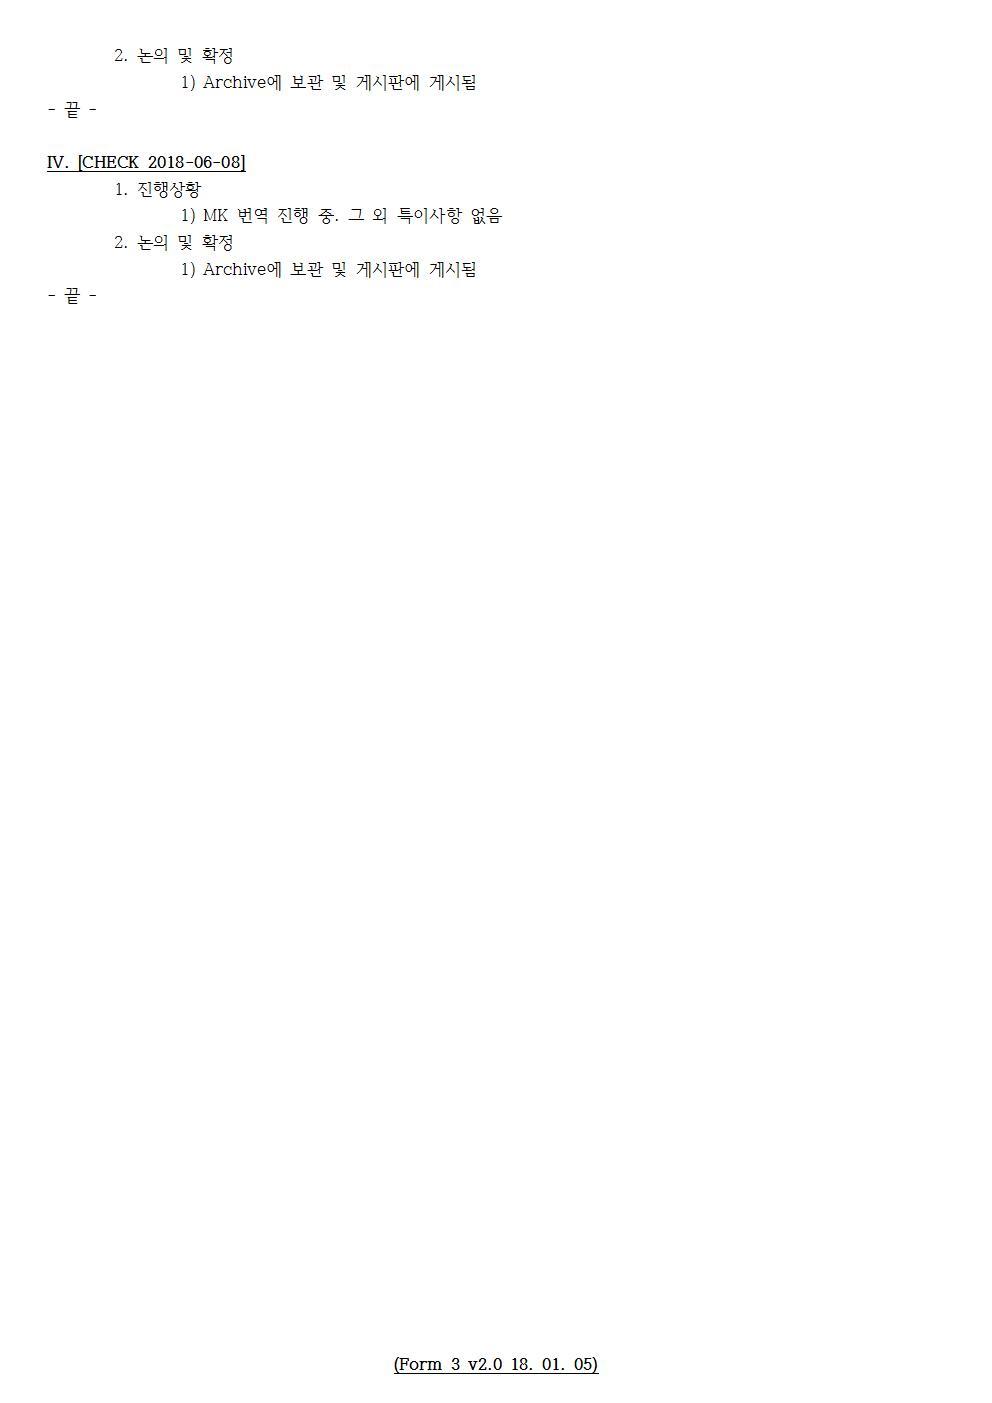 D-[18-018-PP-12]-[ICServ2018-Certification]-[2018-06-08][SH]002.jpg